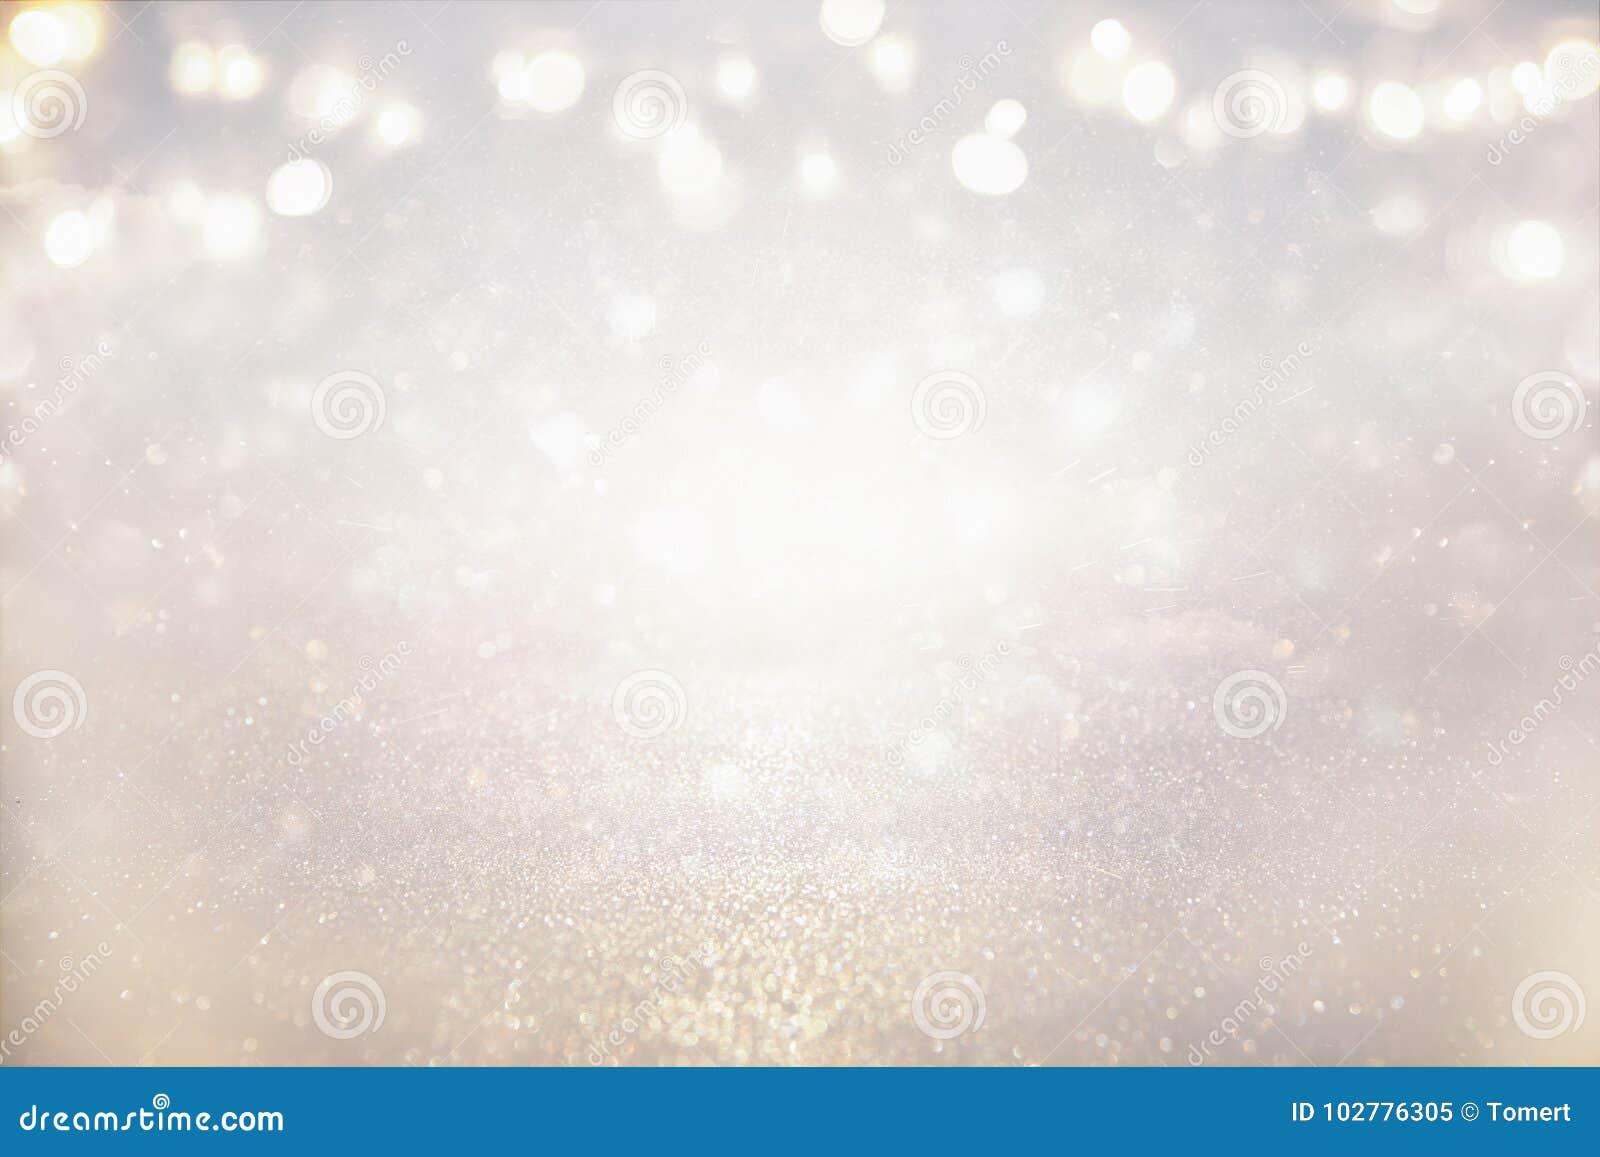 Blänka tappningljusbakgrund silver- och ljusguld de-fokuserat